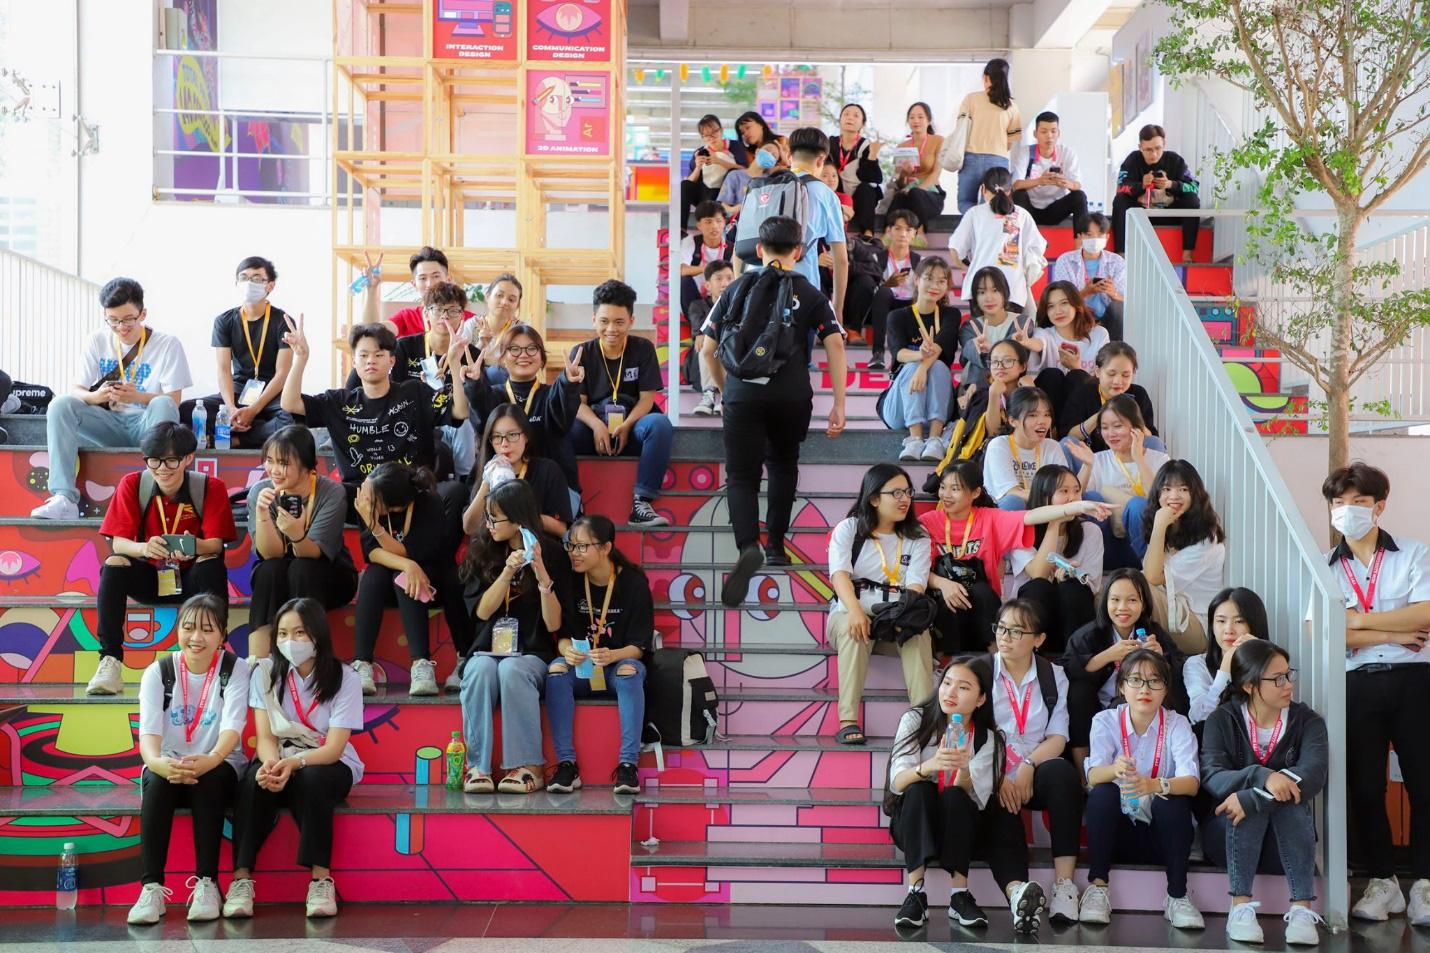 """Đột nhập thư viện """"vừa to, vừa đẹp lại có cả phòng chiếu phim"""" của sinh viên ĐH FPT TP. Hồ Chí Minh - Ảnh 1."""